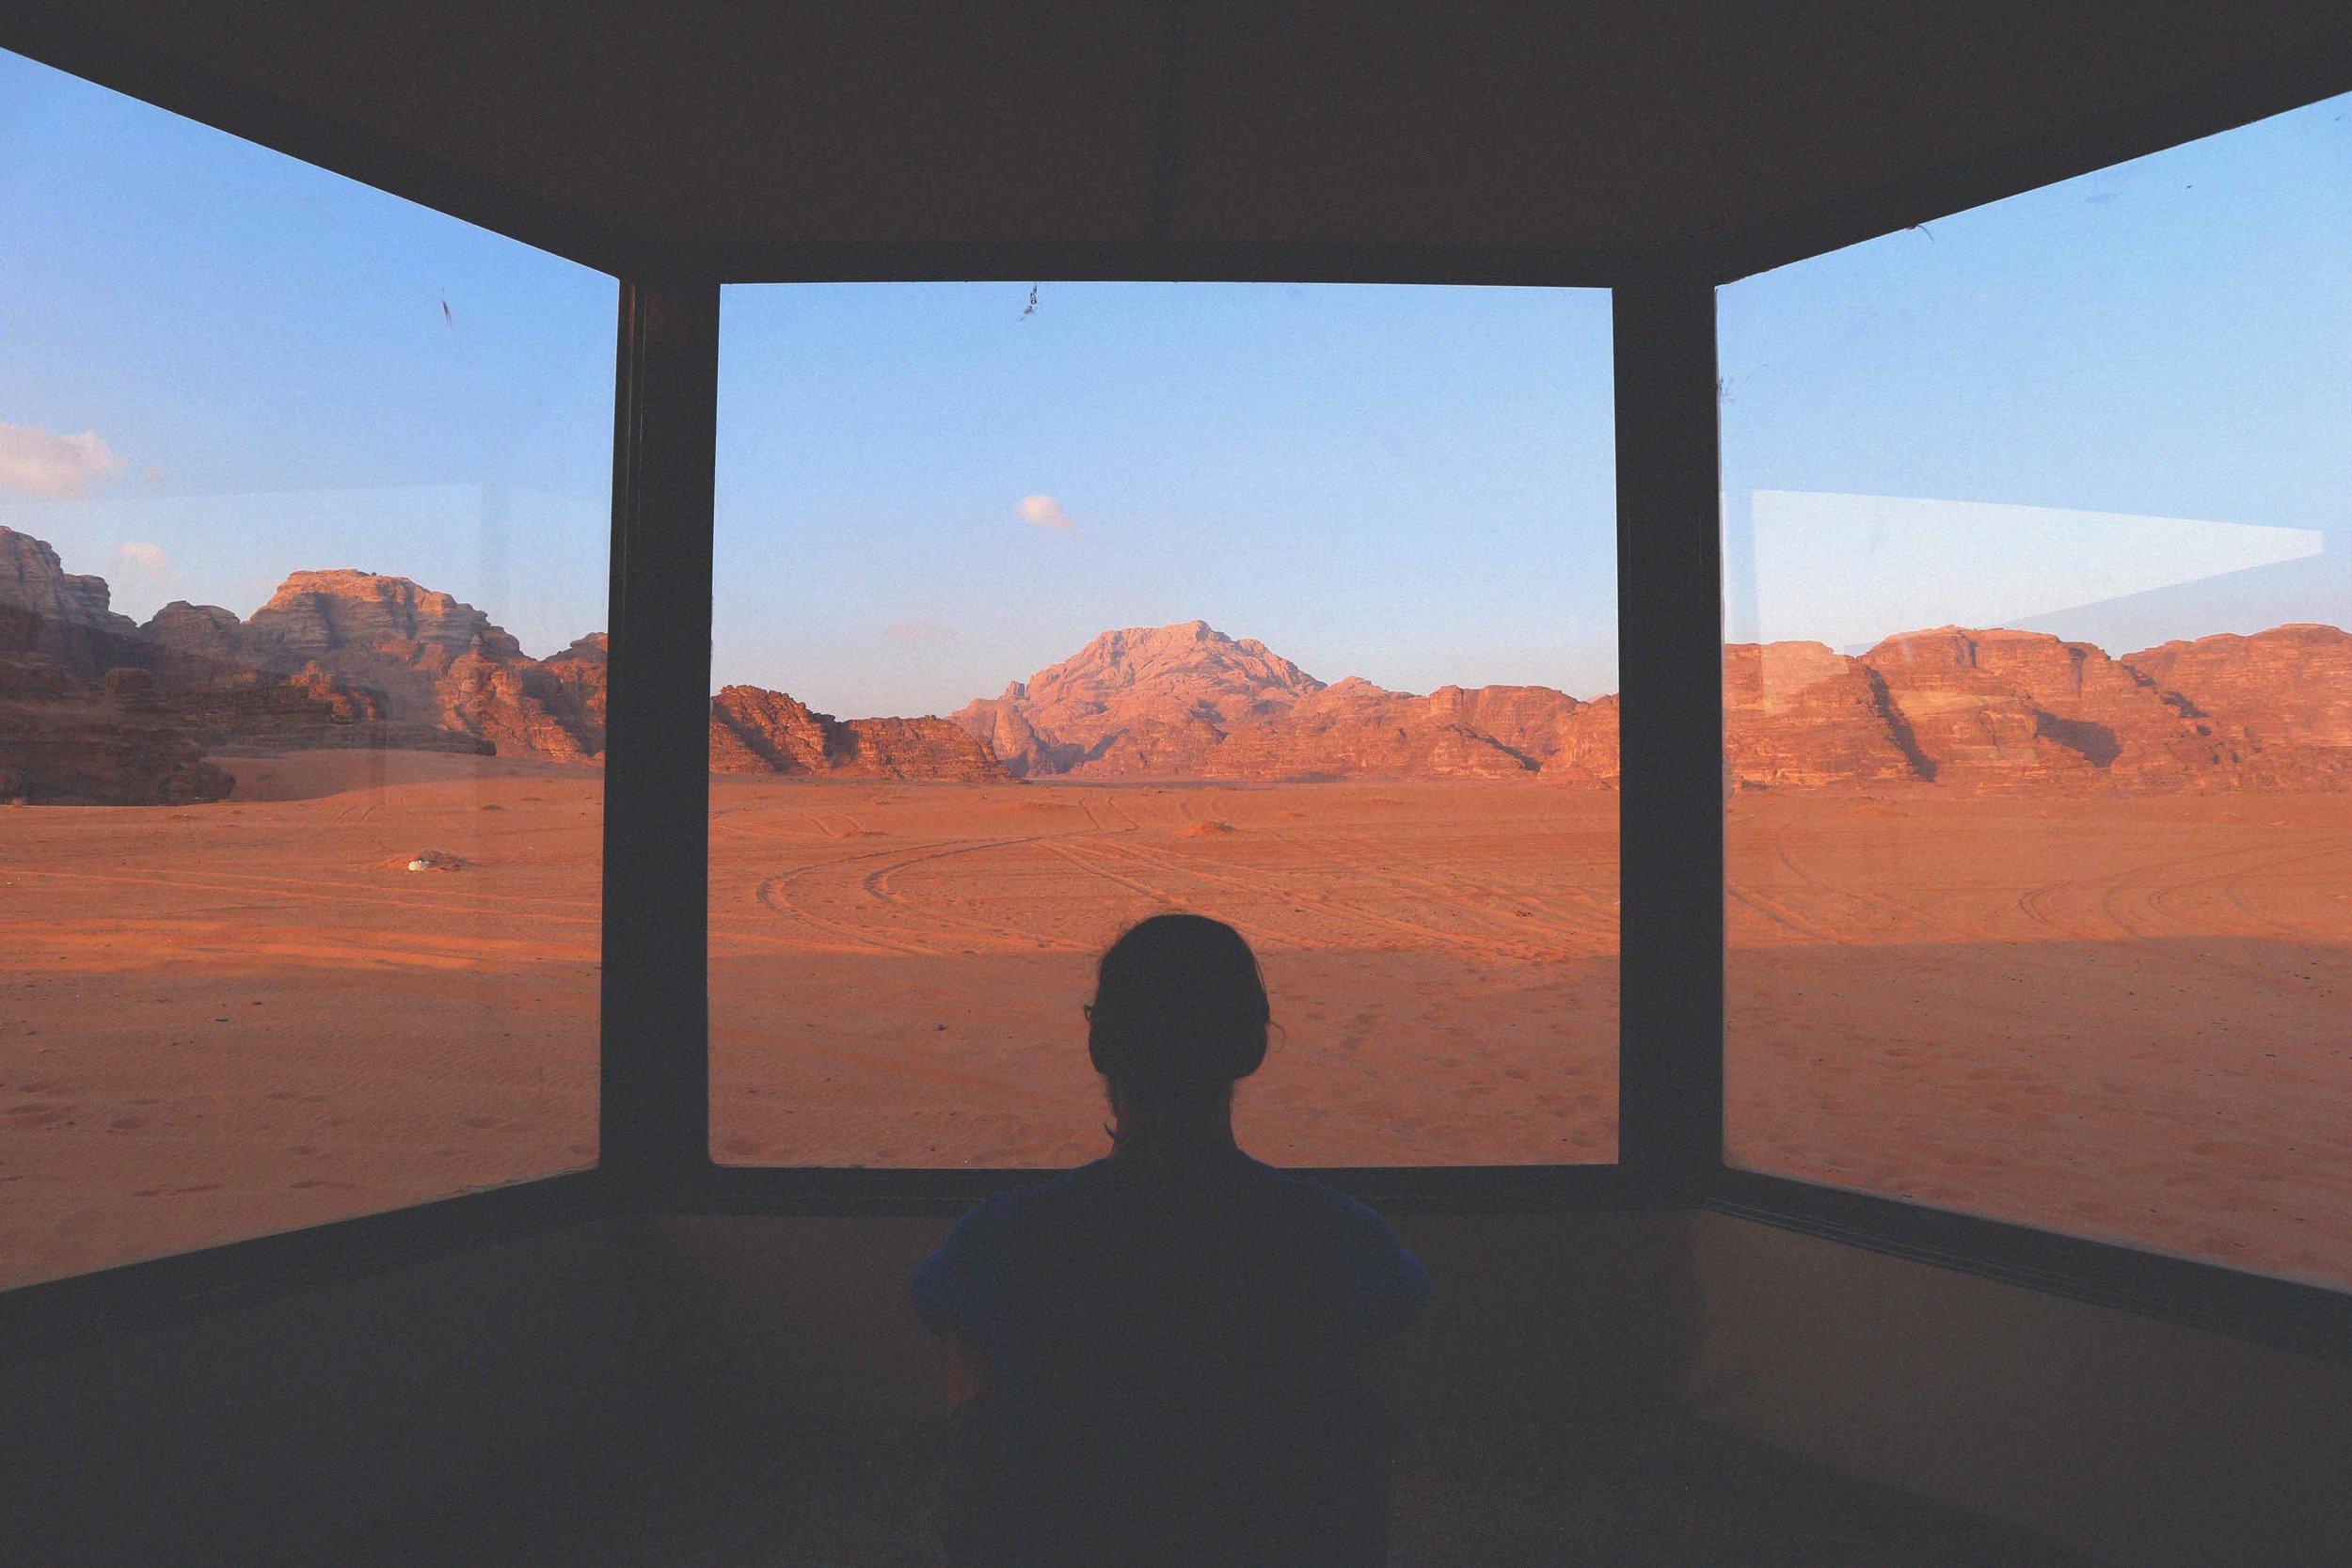 Jordan 103 wadi rum.jpg